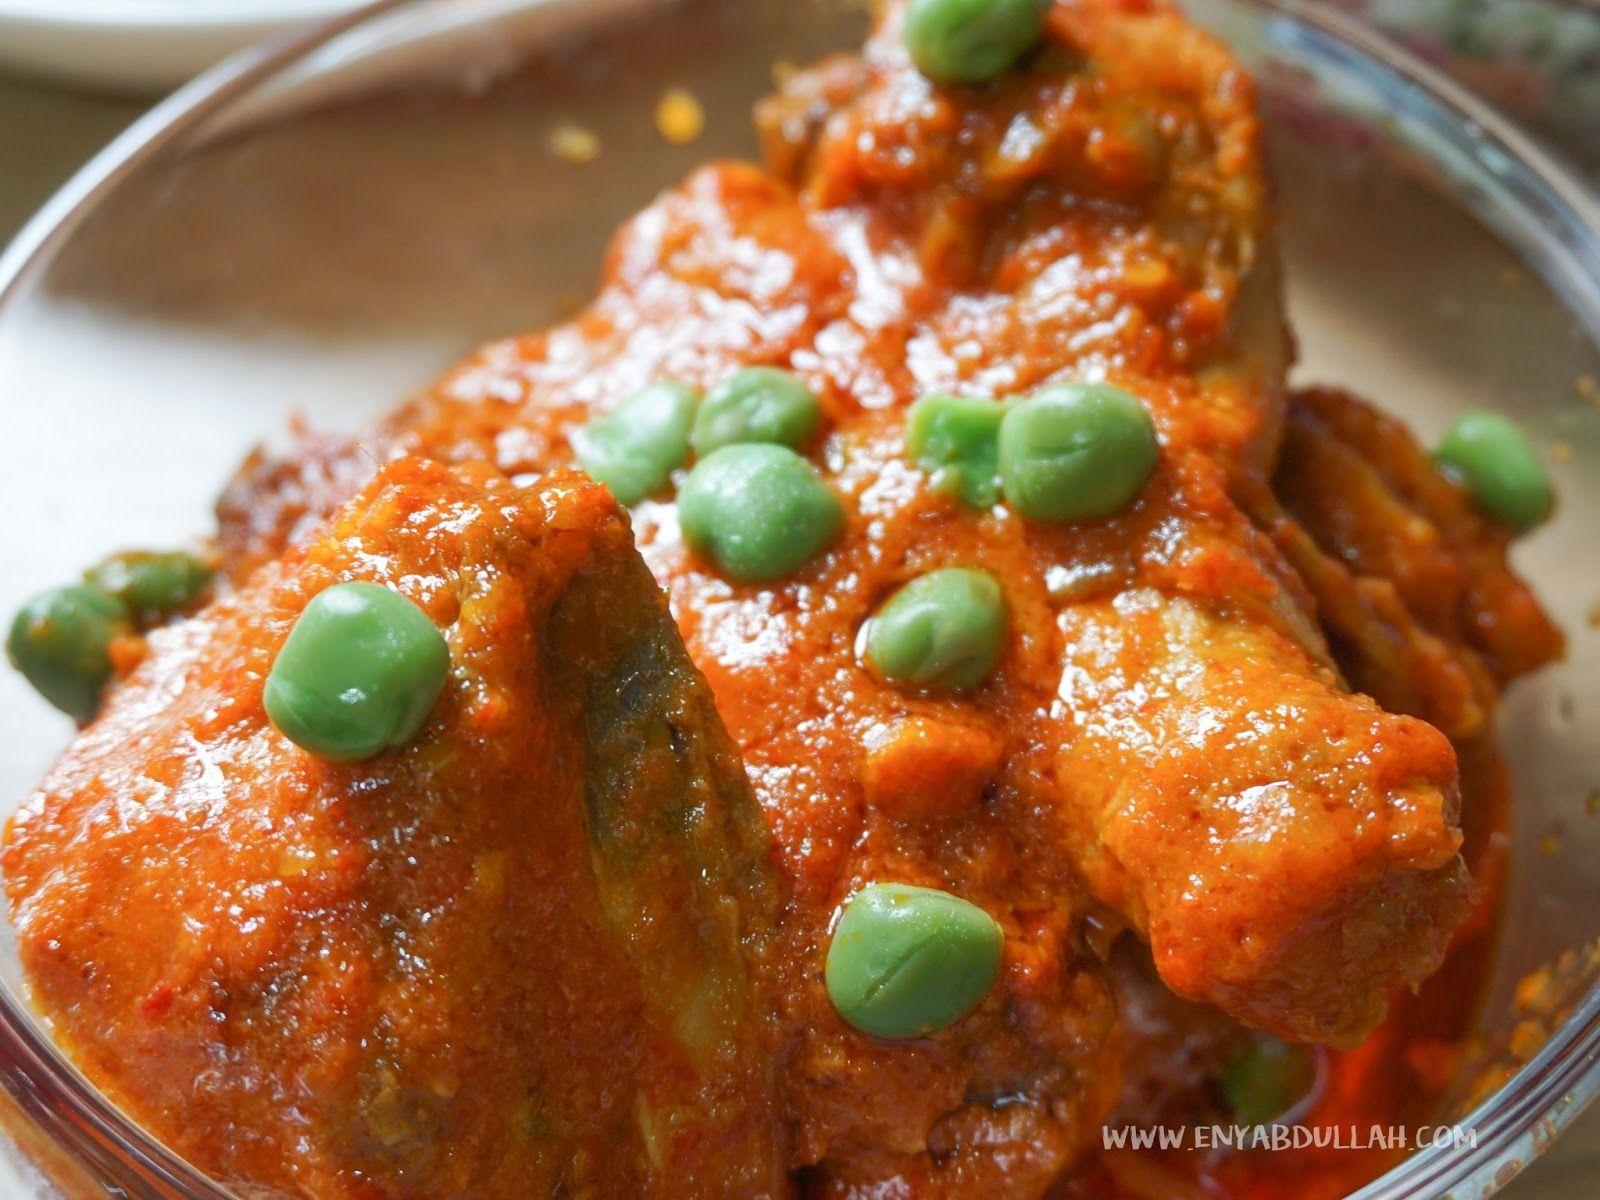 Resepi Nasi Tomato Ayam Masak Merah Kenduri Resepi Ayam Masak Merah Lauk Kenduri Nasi Tomato Sedap Ayam Masak Me Makanan Resep Masakan Malaysia Resep Ayam